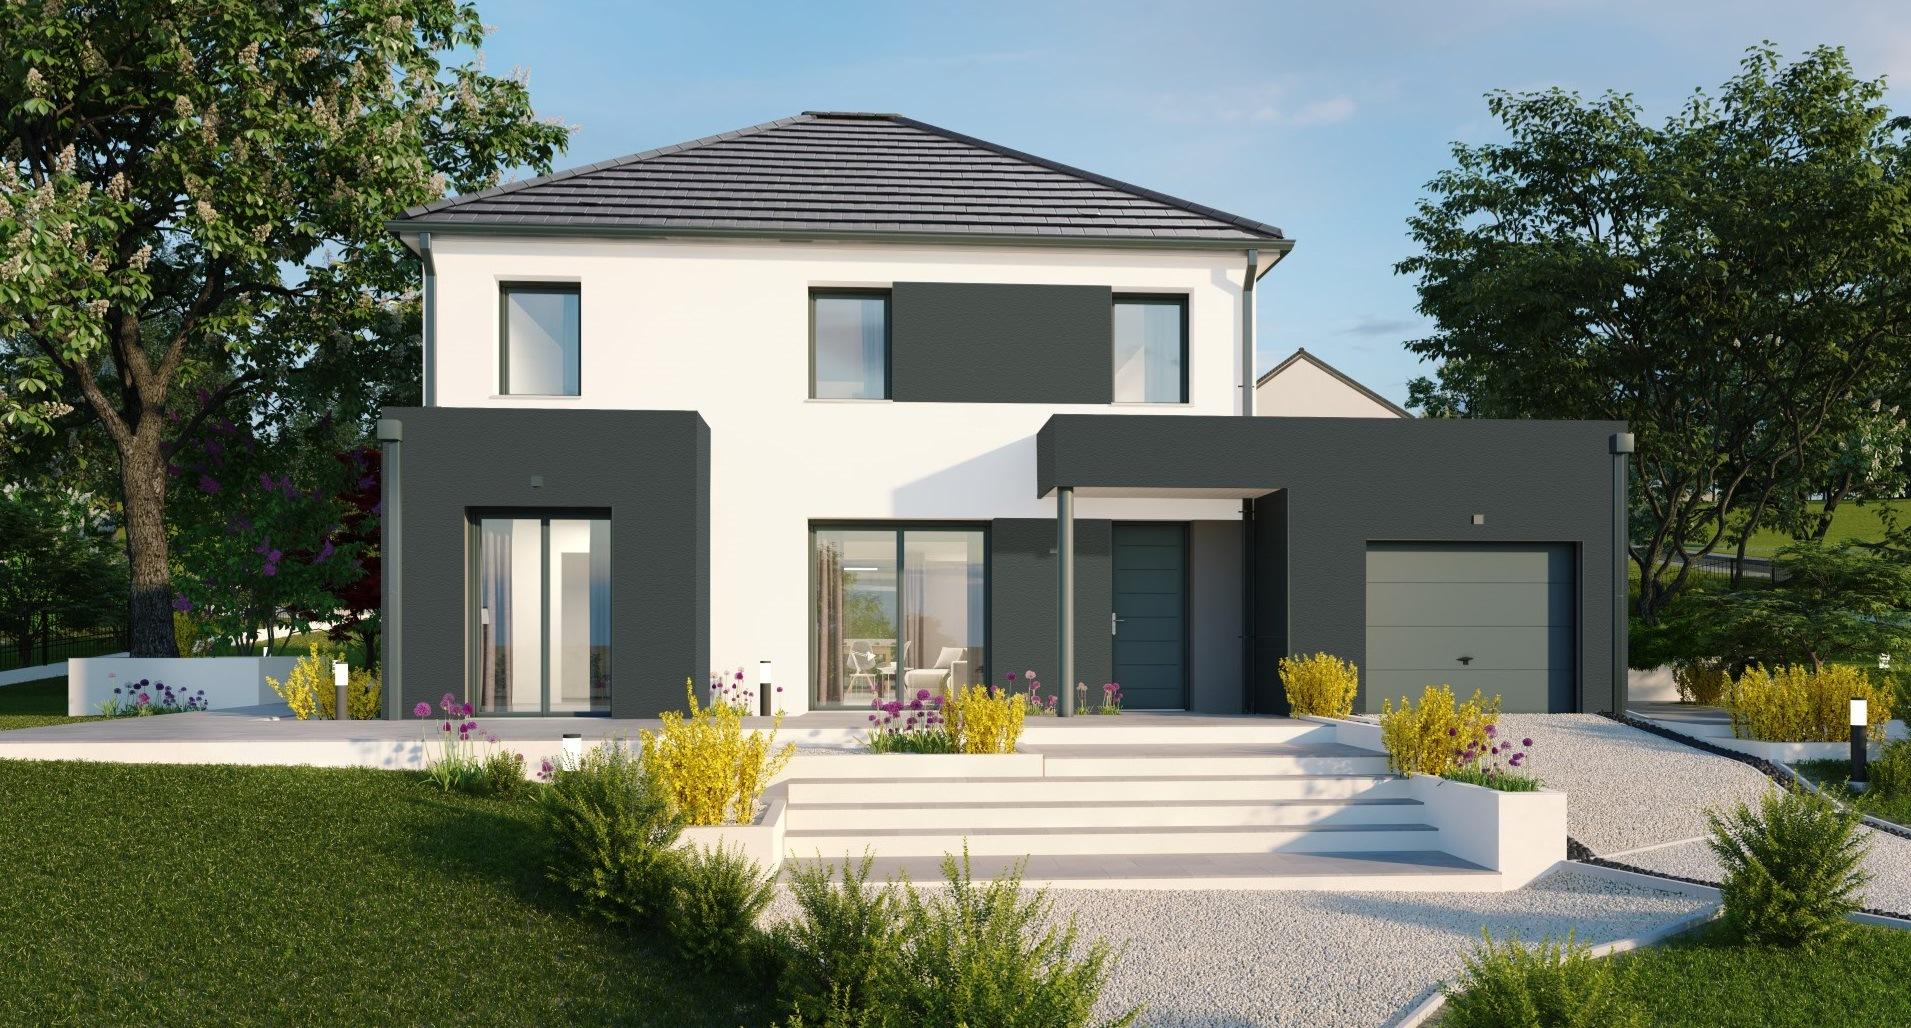 Maisons + Terrains du constructeur Maisons Phénix Metz • 137 m² • CHATEAU SALINS